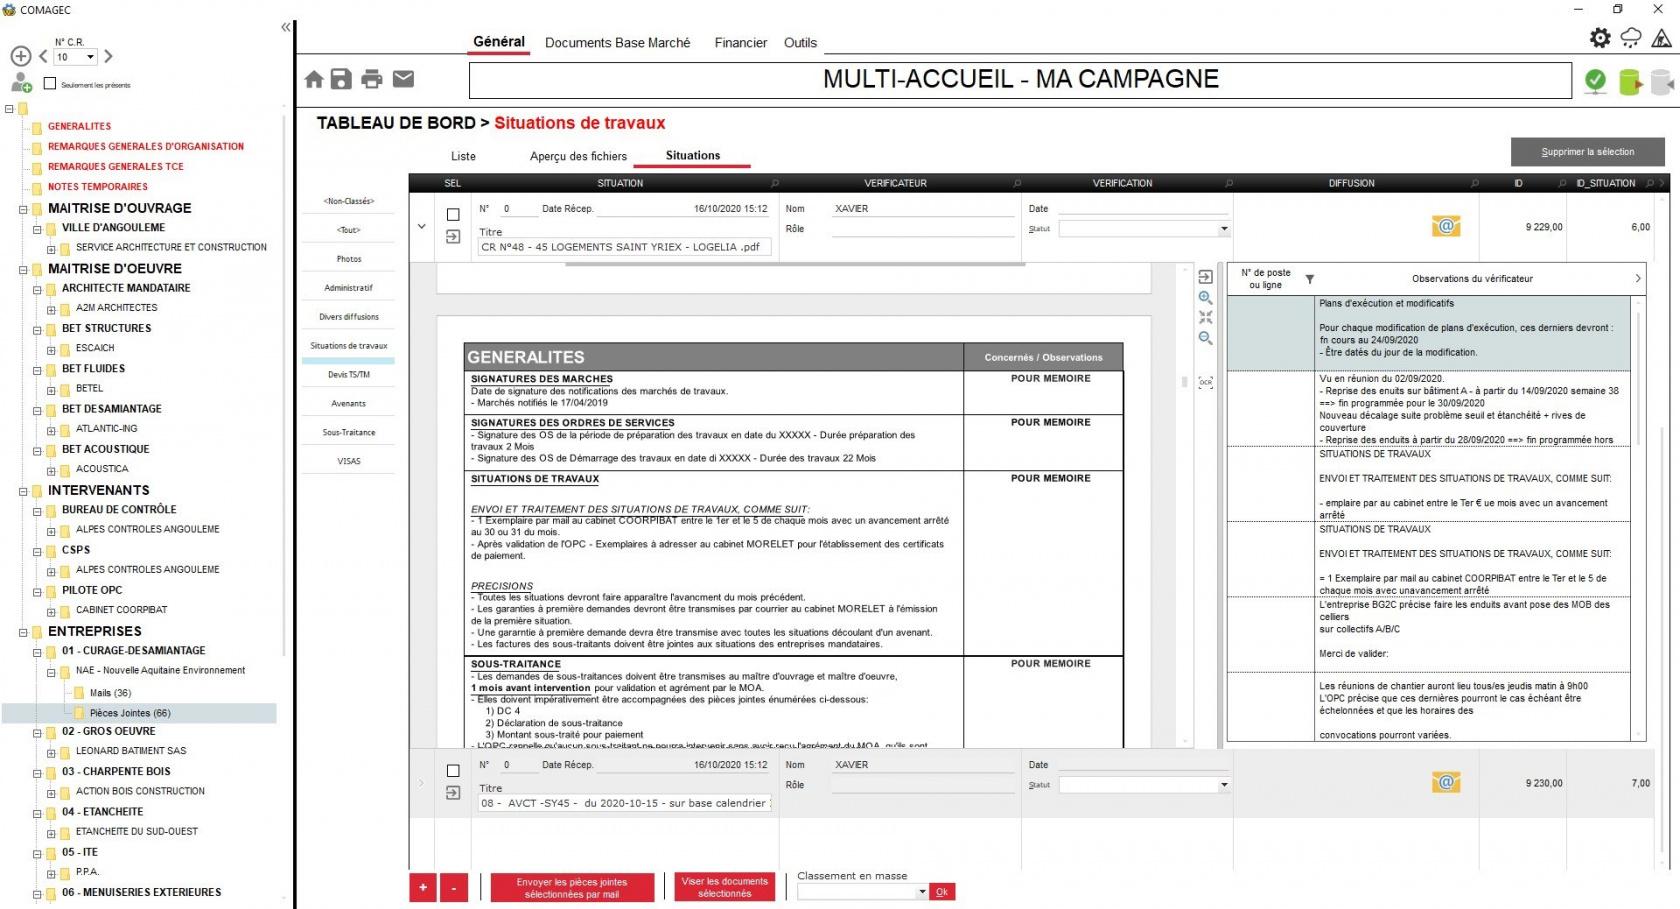 Logiciel de gestion de comptes rendus de chantier et classement de documents